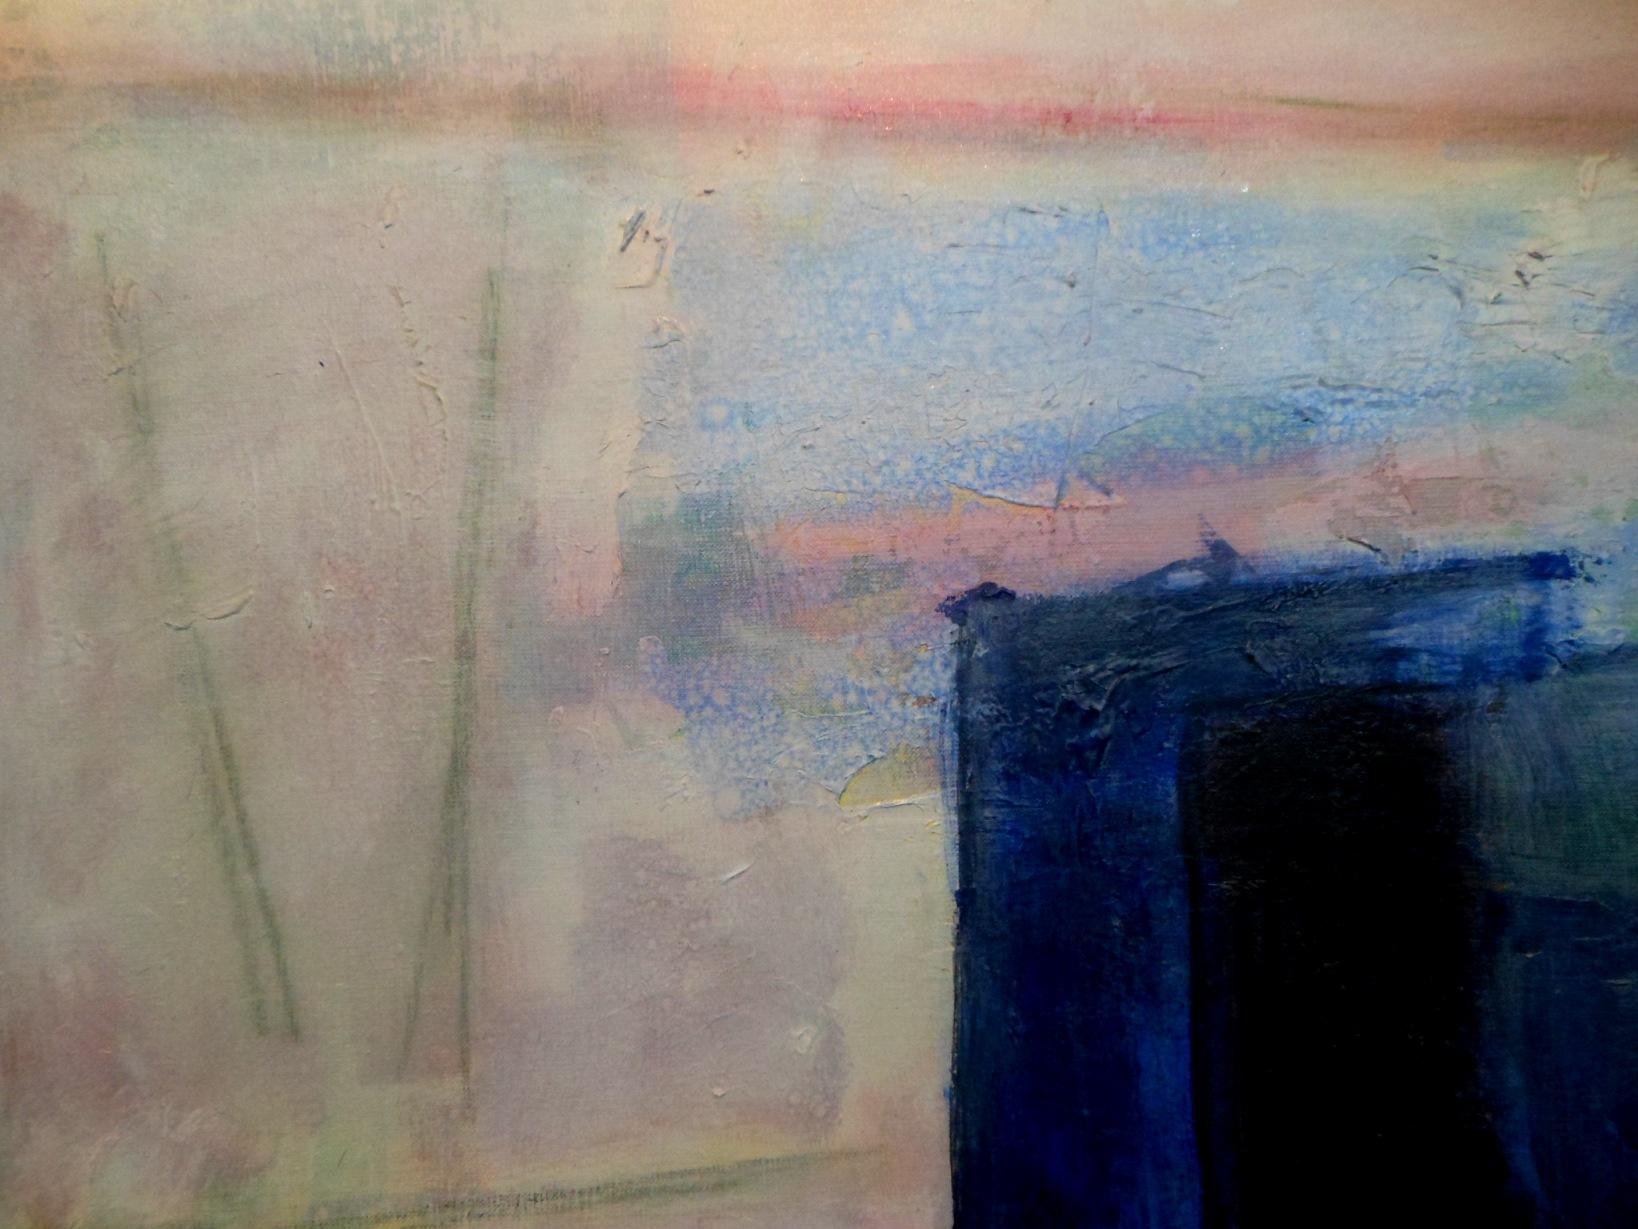 ↑:(部分図。) 朝の食卓のようなムード。建物の白壁がイメージの出発だ...  ②「春陽会 道作